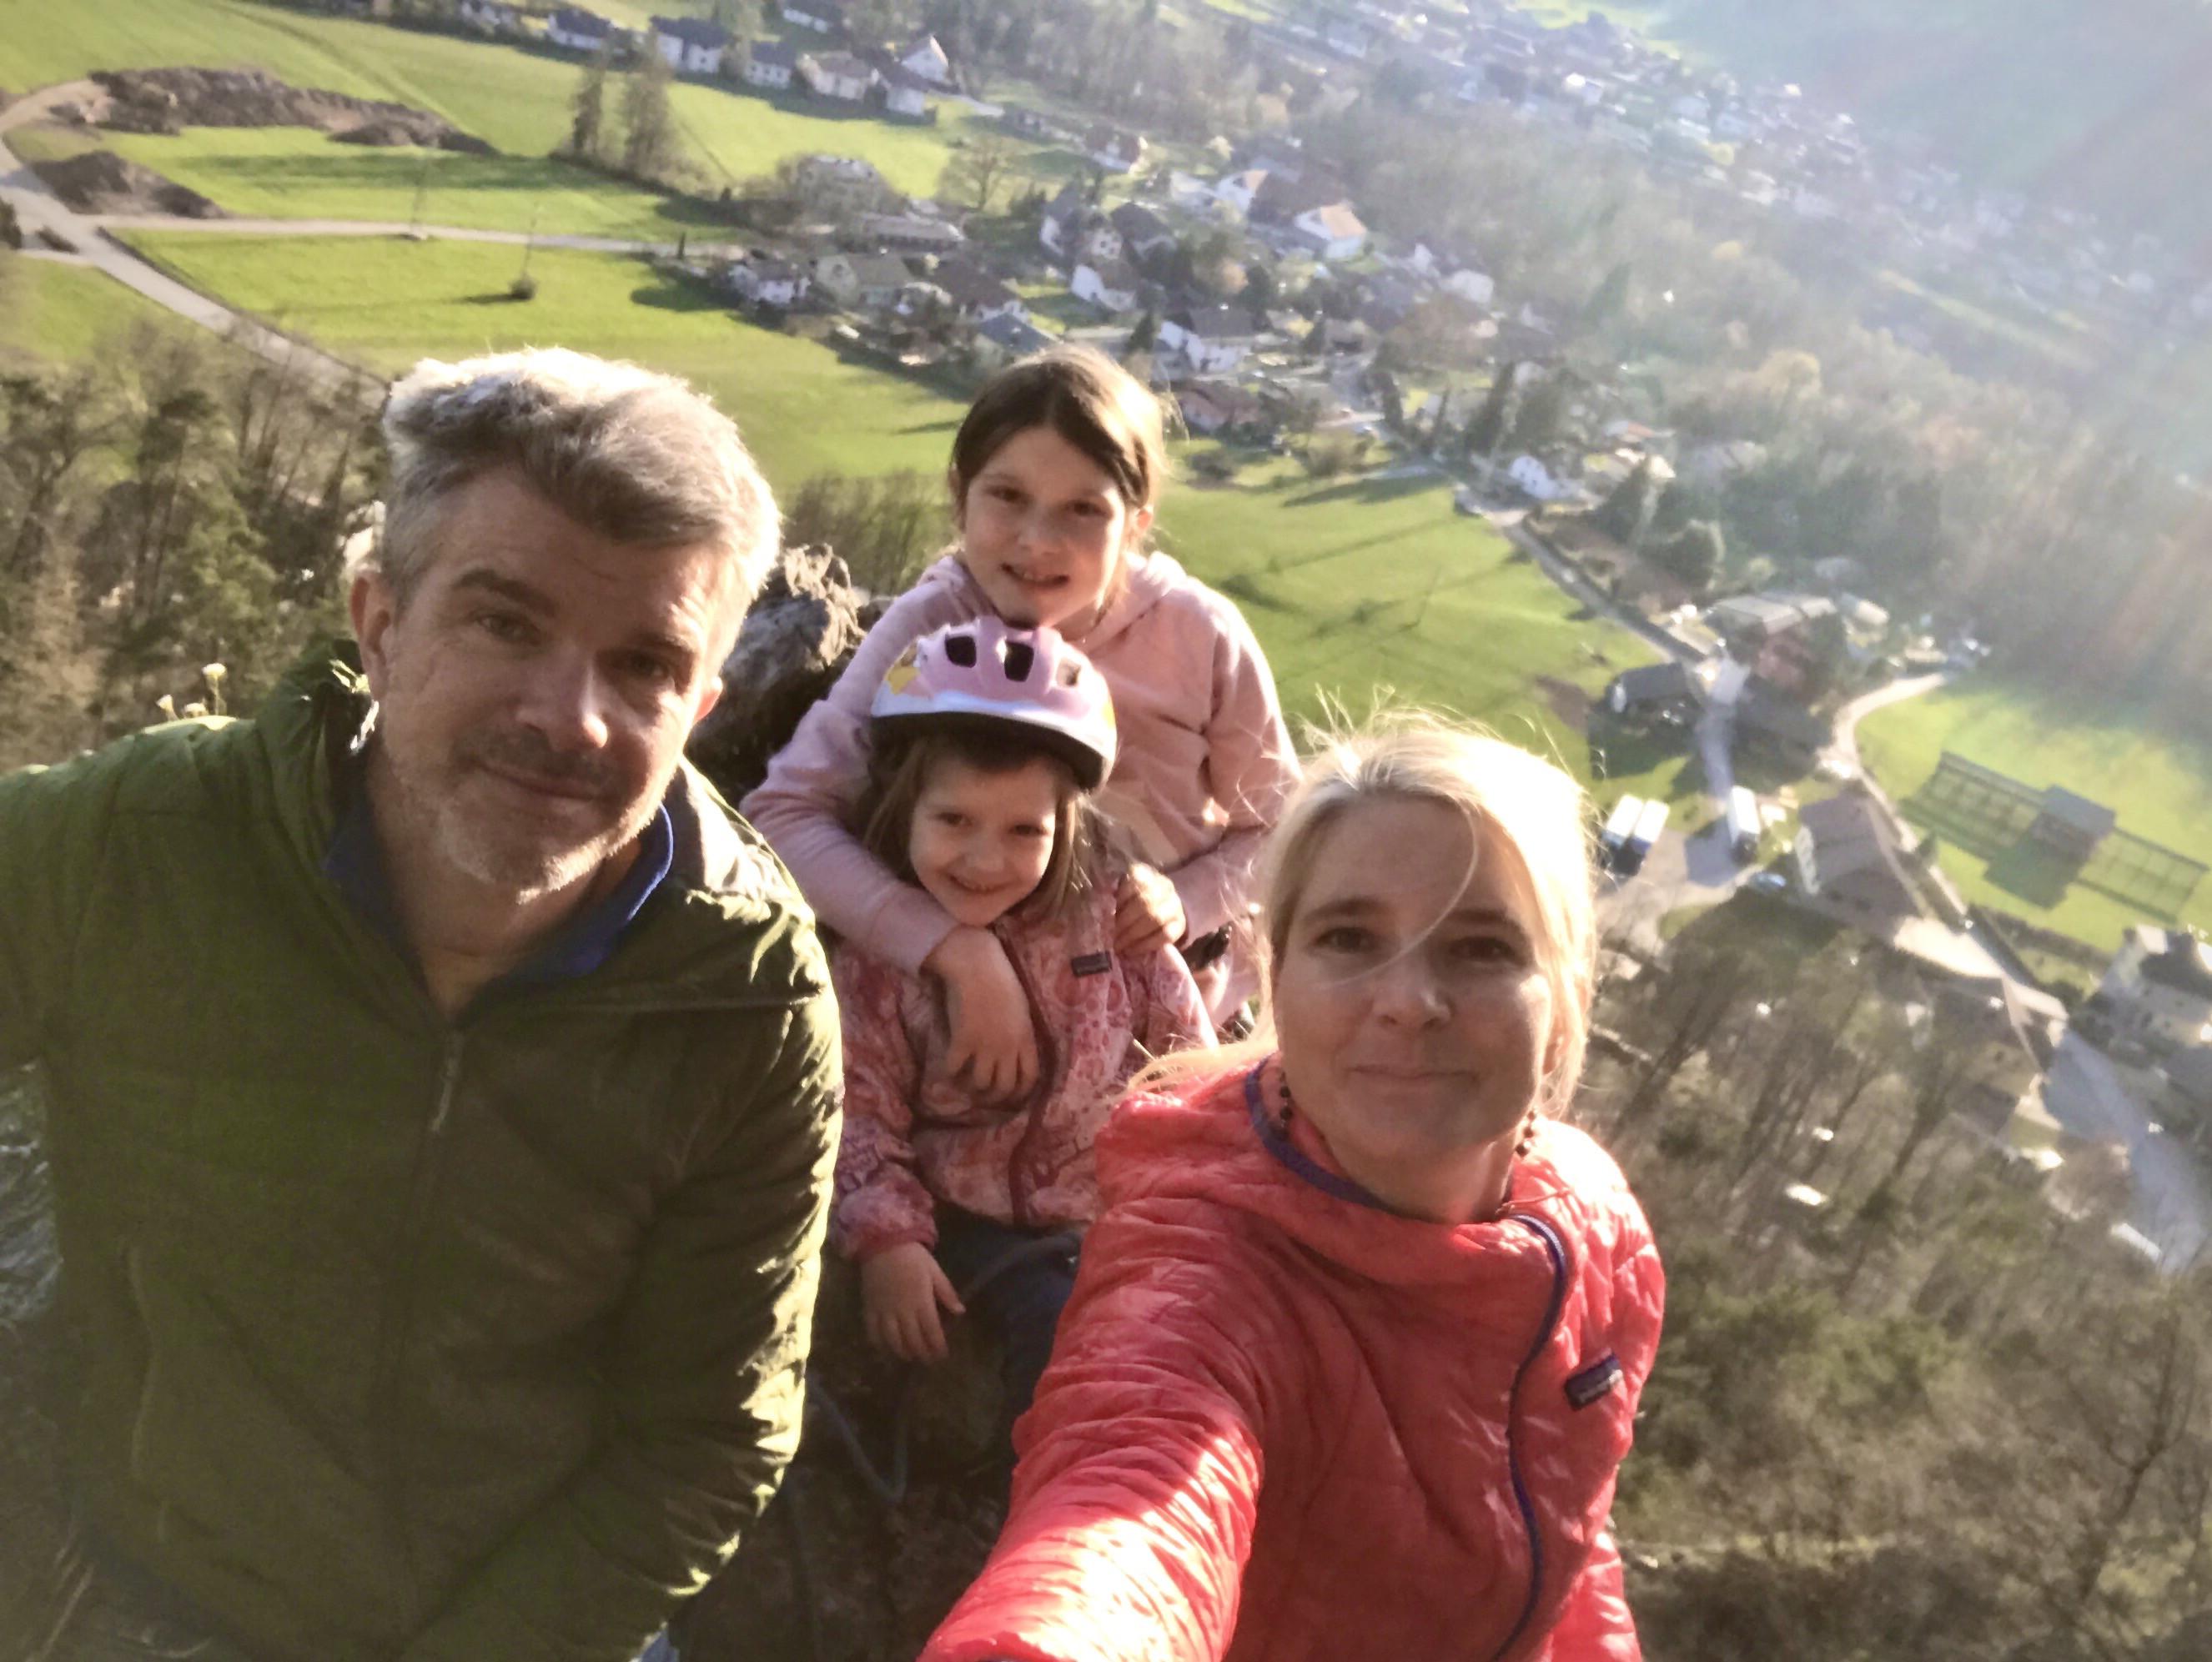 Foto spomin z družinskega plezanja na Turncu na Grmadi, takoj za hišo Jakofčičev